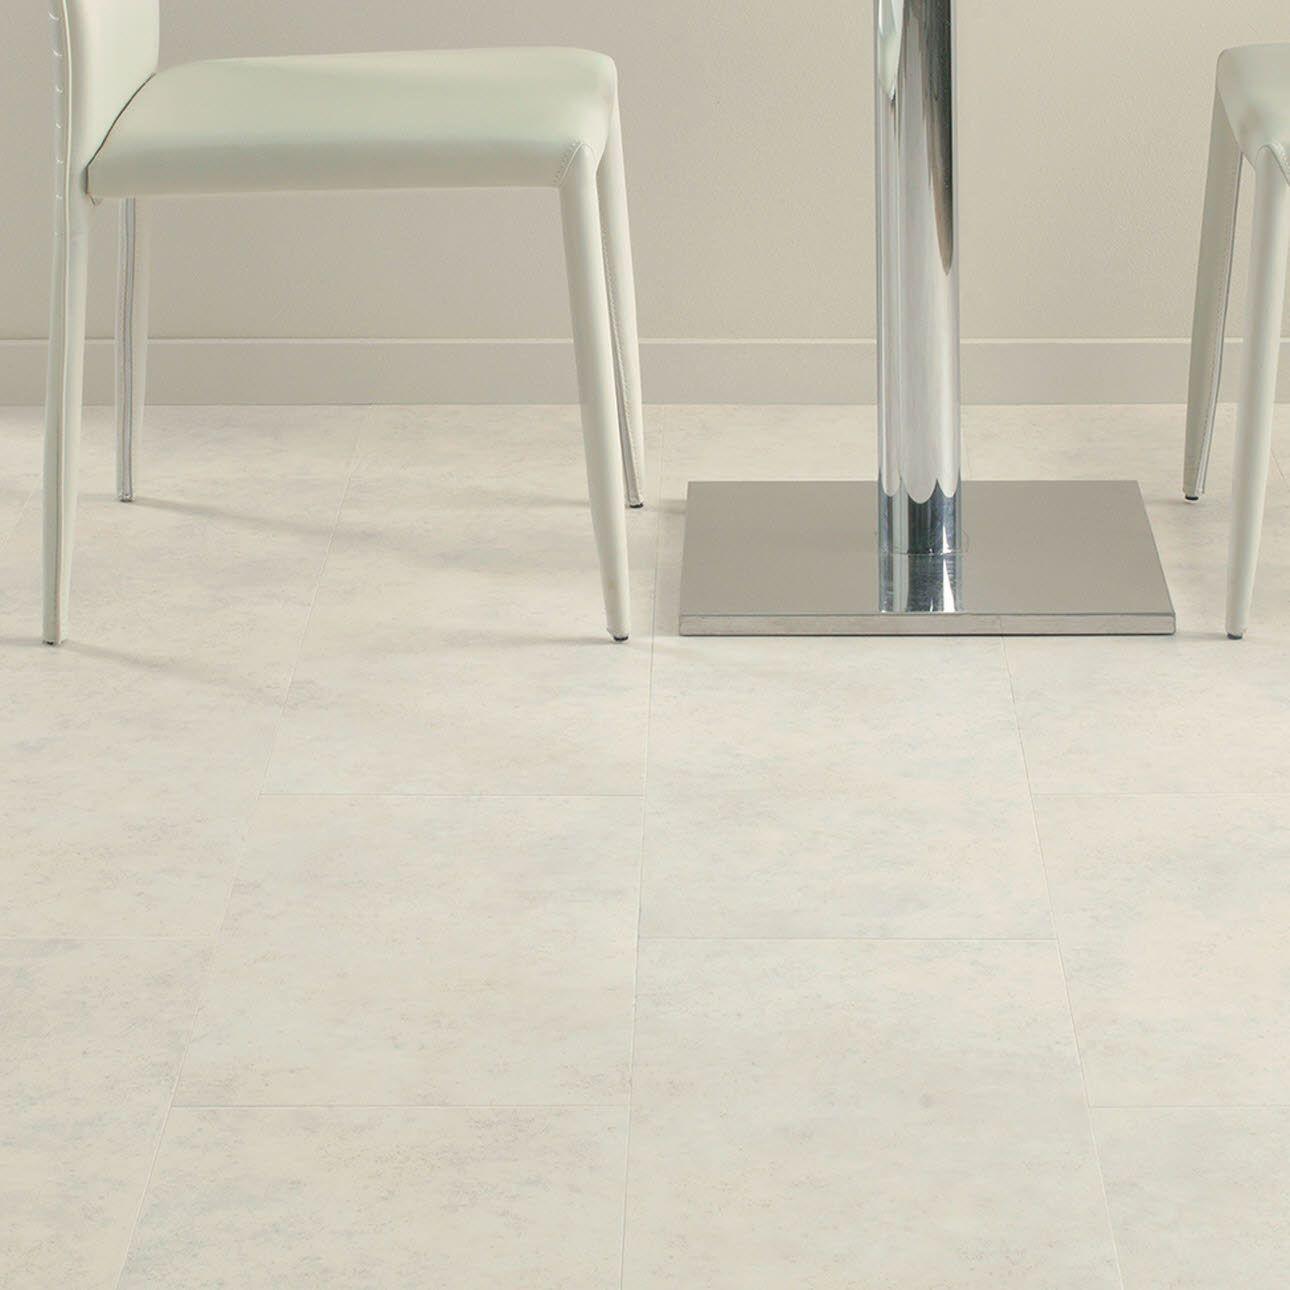 Ceramic frost amtico click flooring flooring pinterest click ceramic frost amtico click flooring dailygadgetfo Images